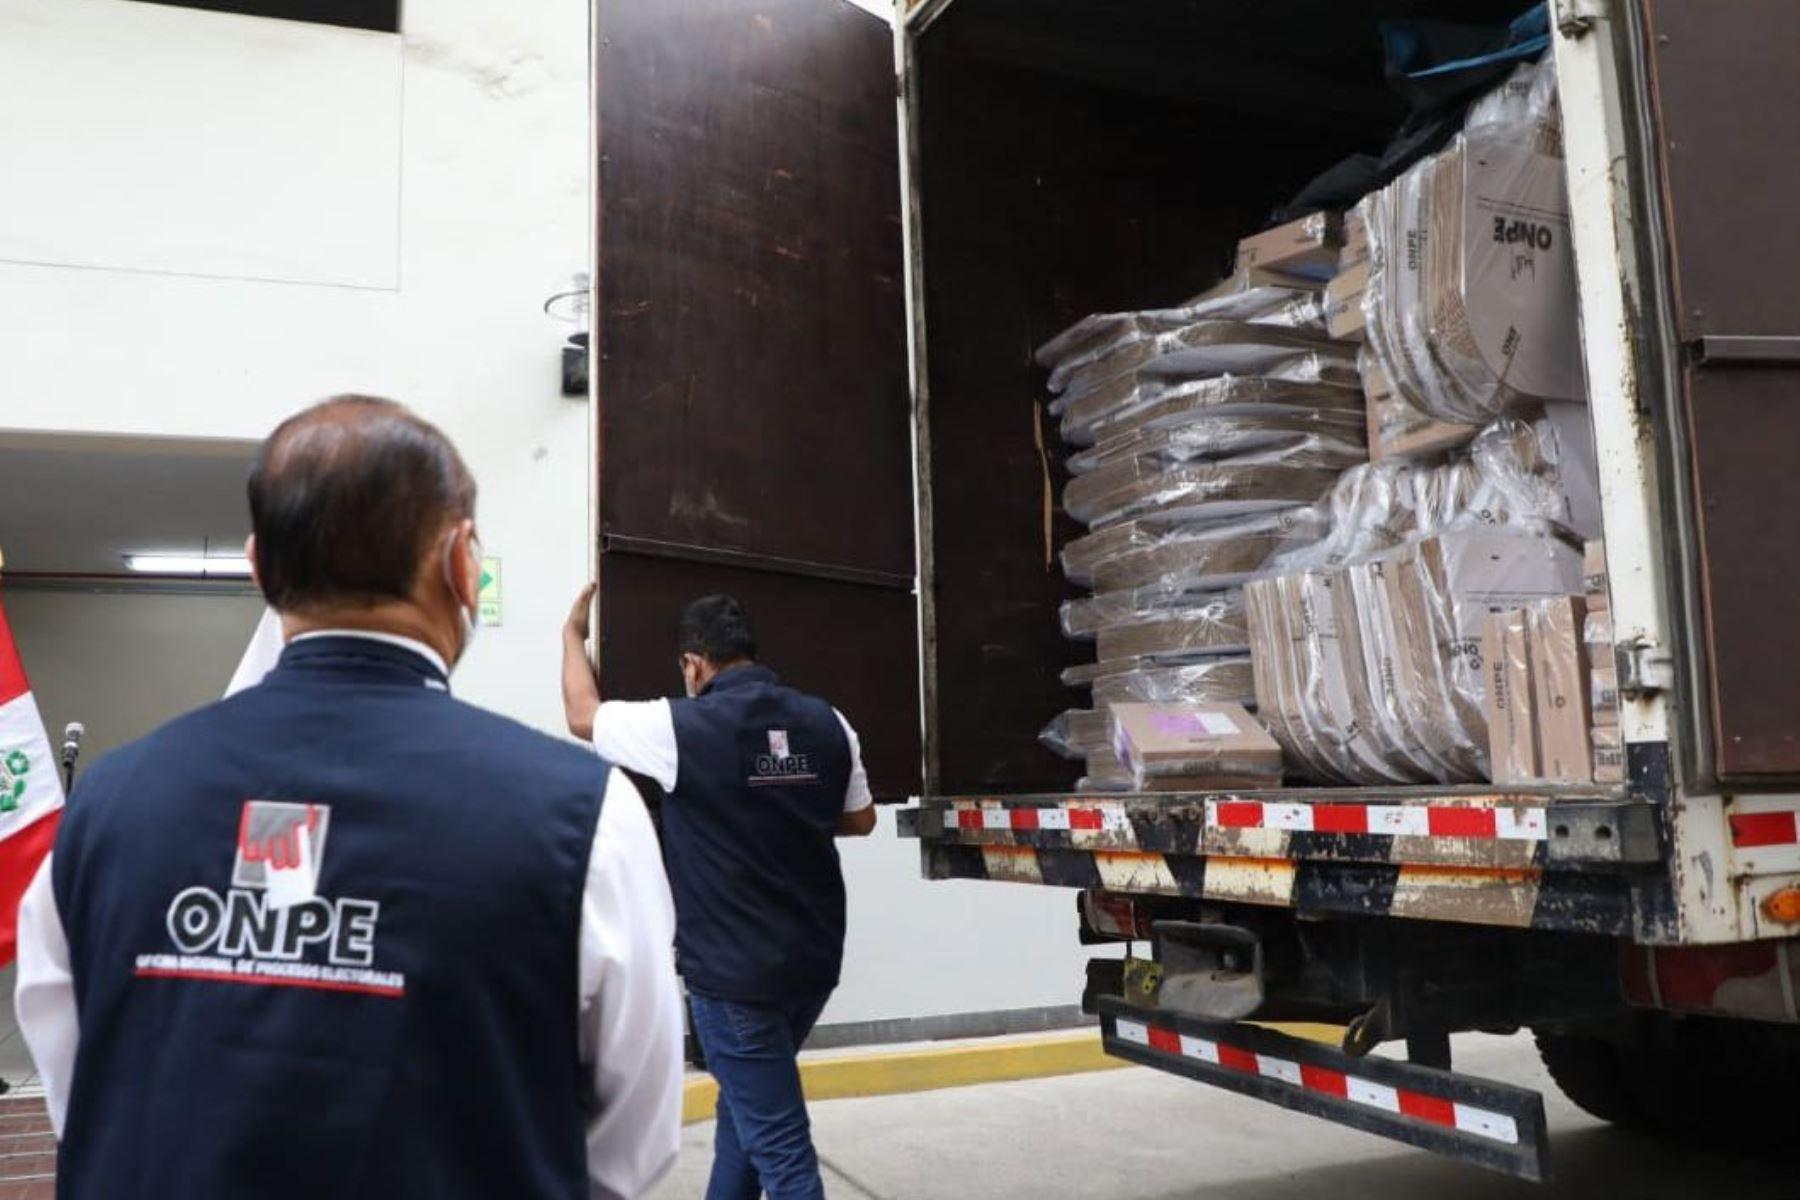 Entrega de material electoral a Cancillería del Perú  para sufragio de peruanos en el extranjero. Foto: Onpe